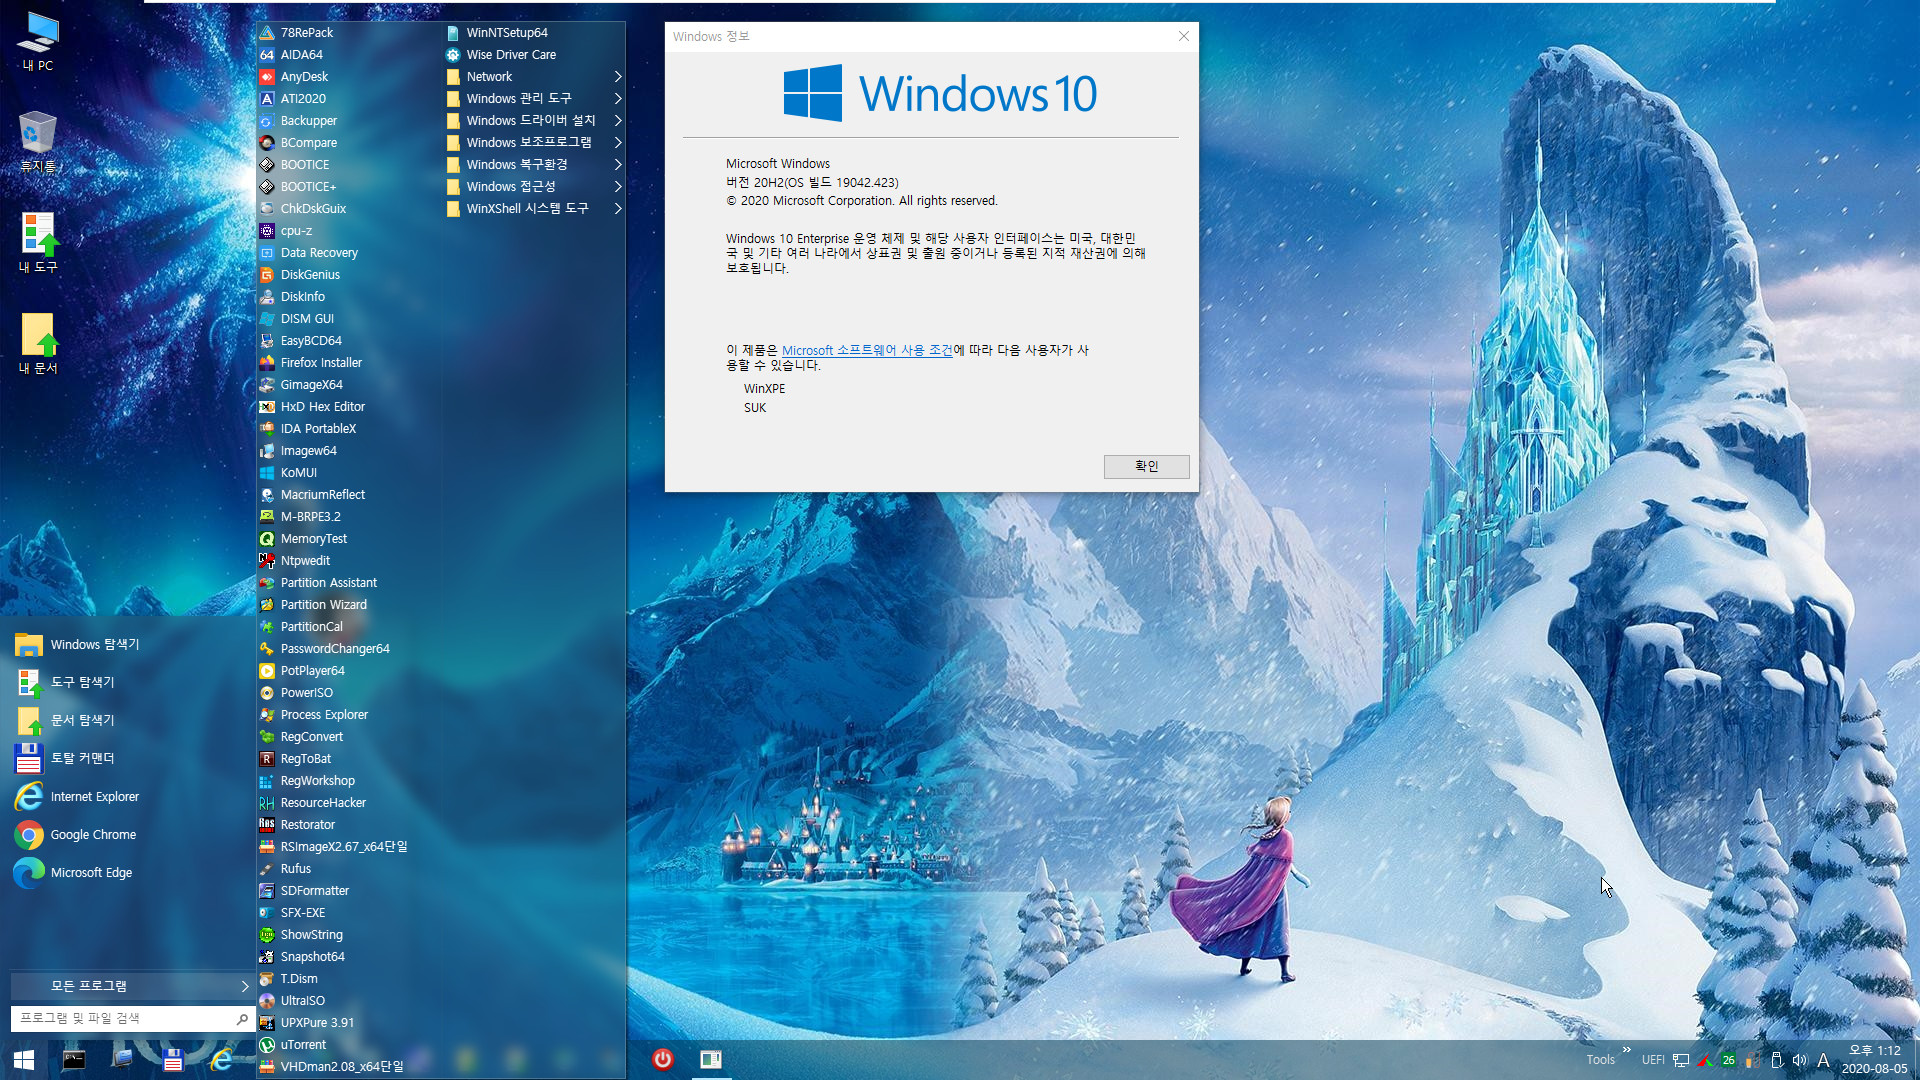 2020-08-01일자 수시 업데이트 통합 - Windows 10 버전 2004 + 버전 20H2 누적 업데이트 KB4568831 (OS 빌드 19041.423 + 19042.423) -  PE 만들기 테스트 2020-08-05_131218.jpg